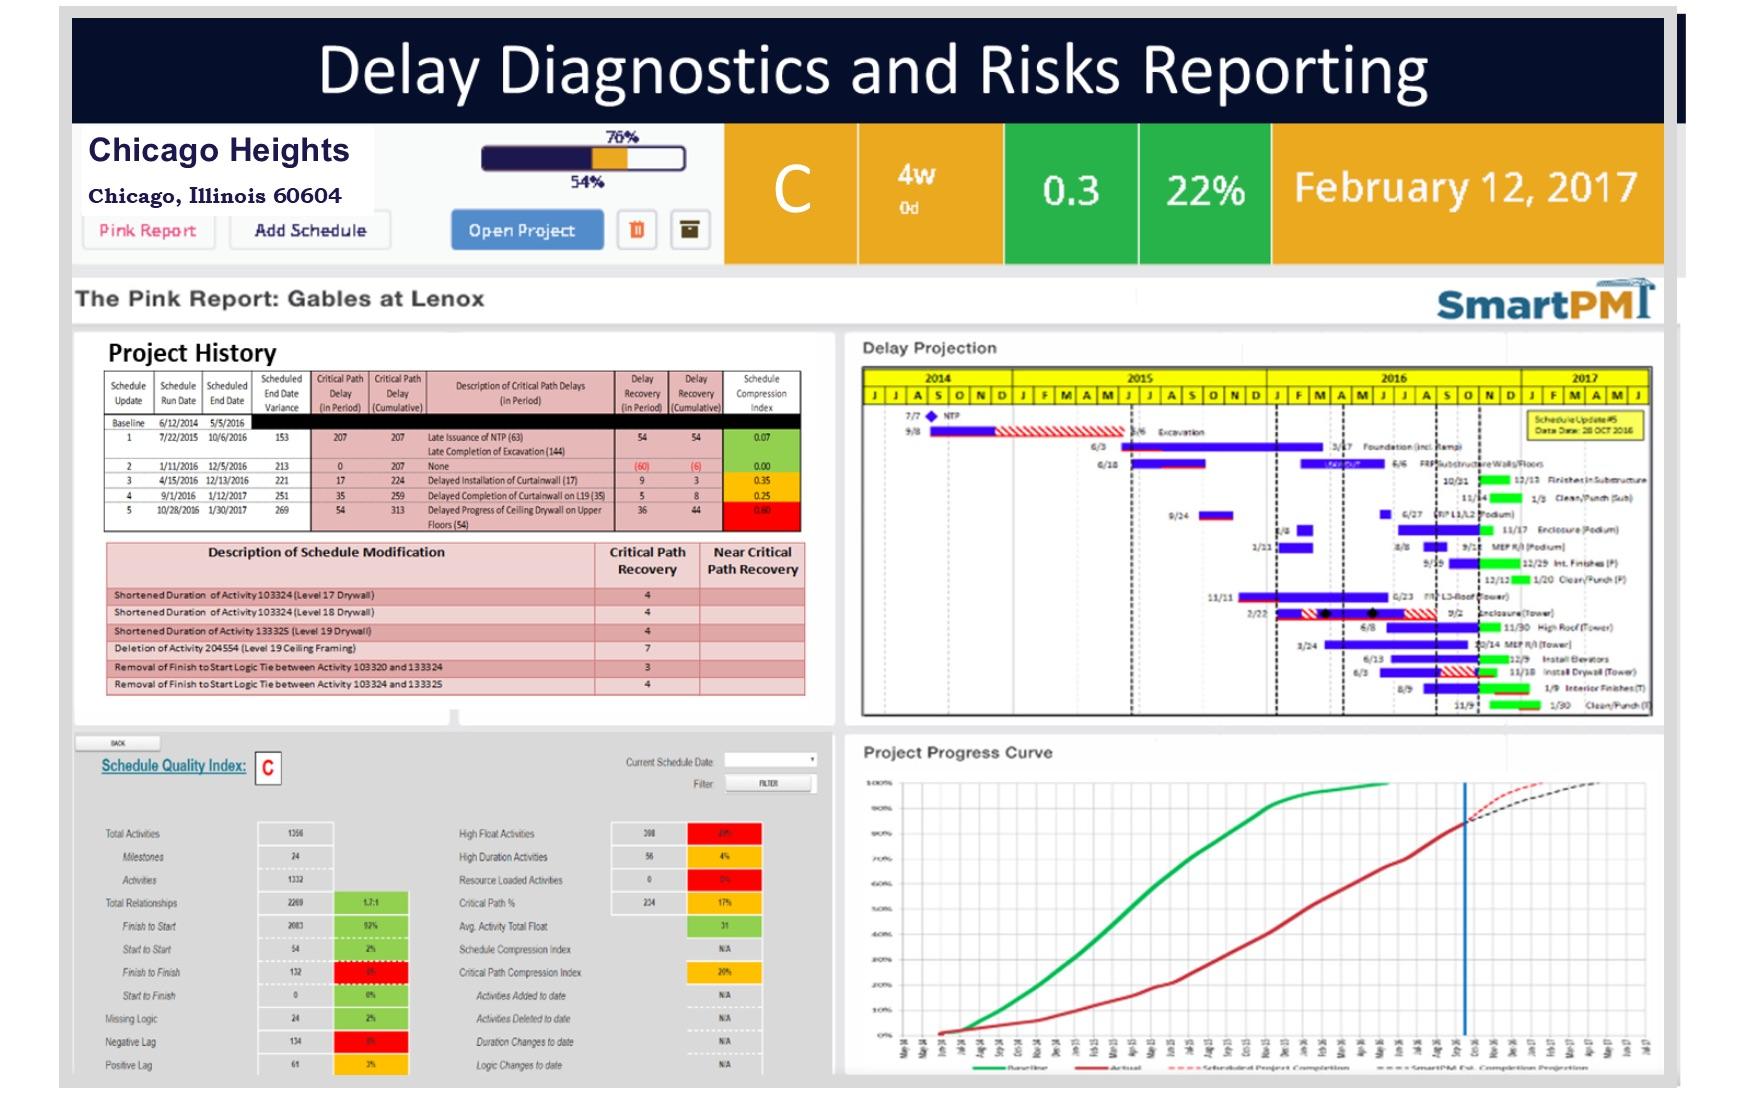 Final delay diagnostic